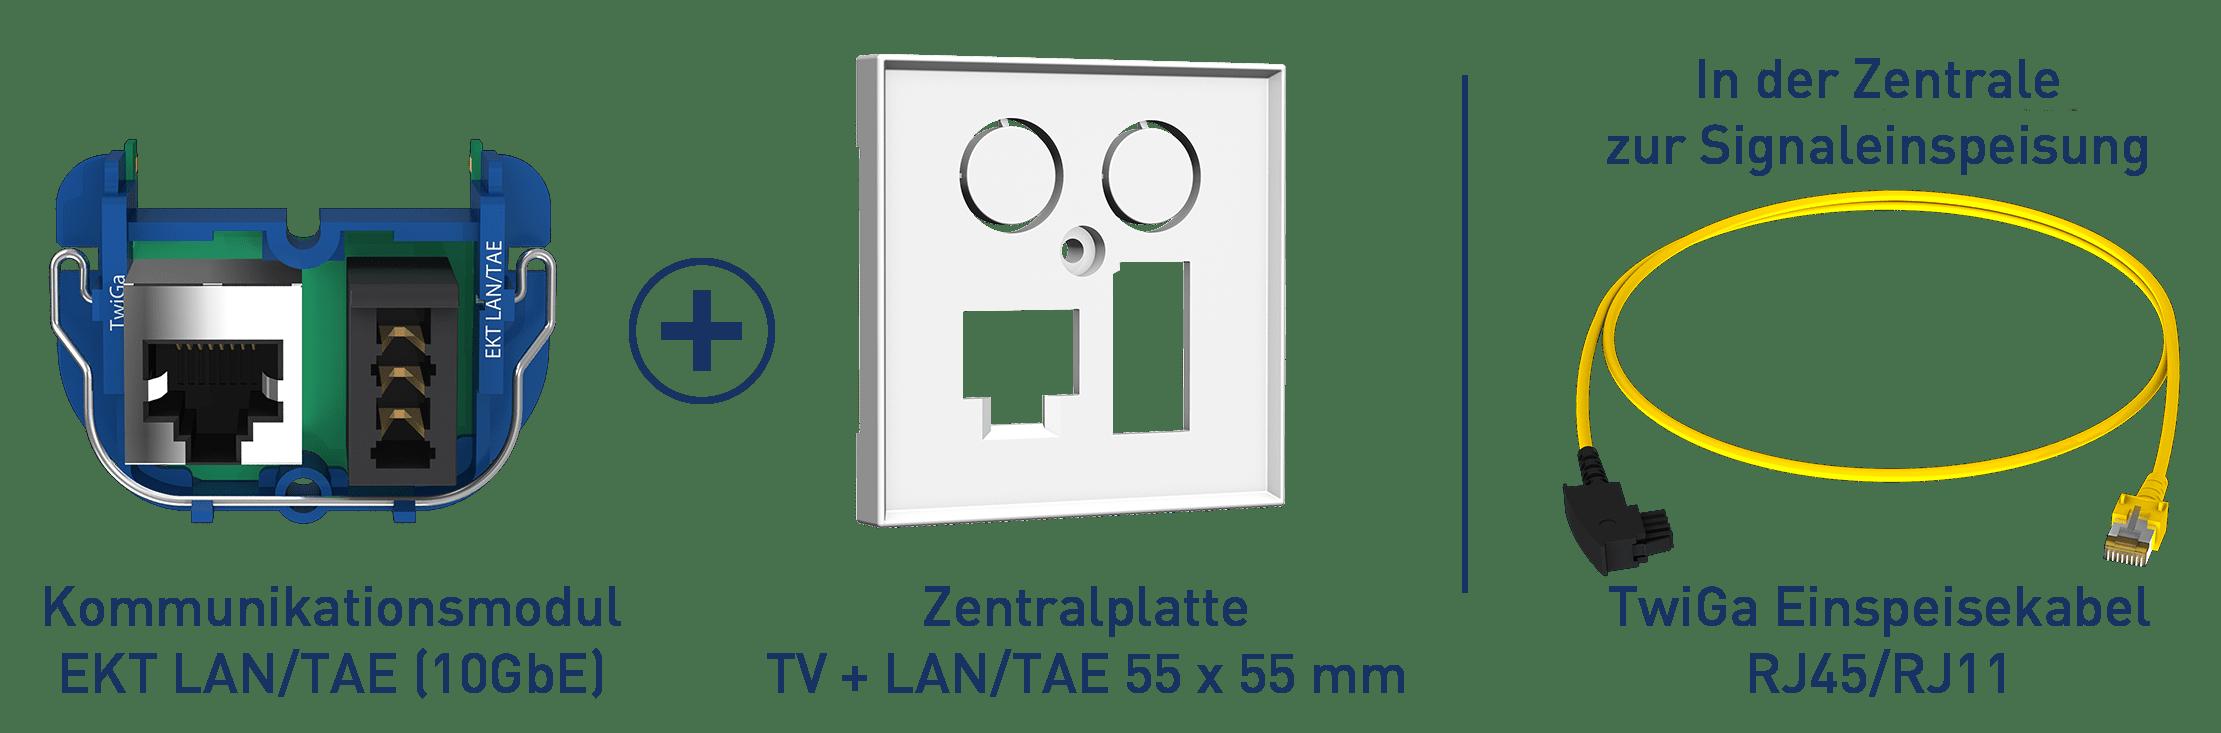 Konfiguration TwiGa LAN/TAE